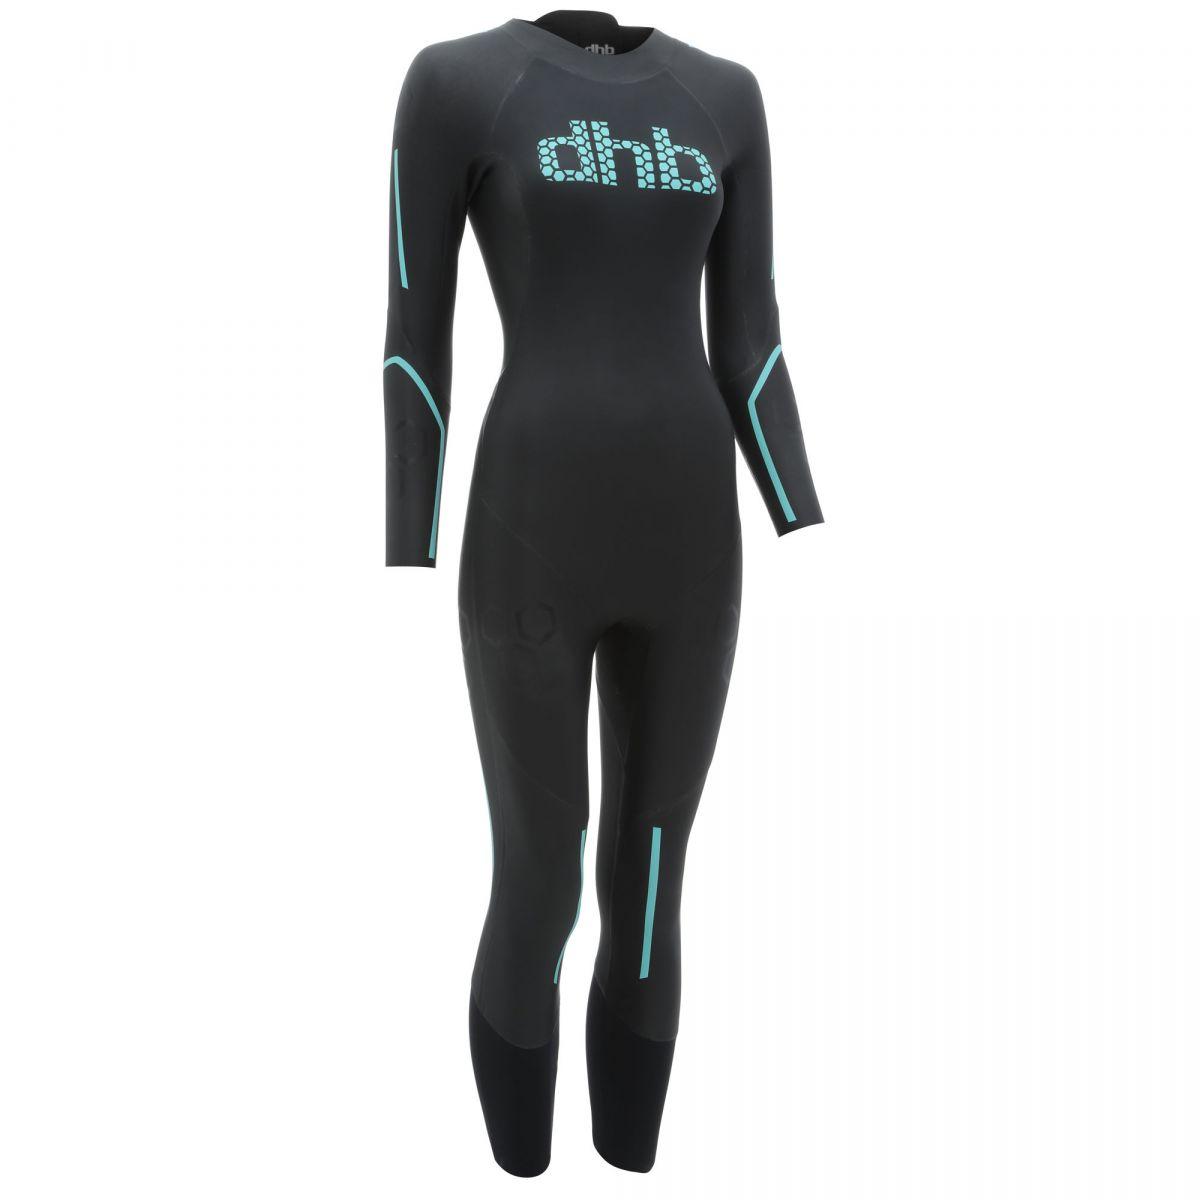 dhb-Aeron-Wetsuit-women-front